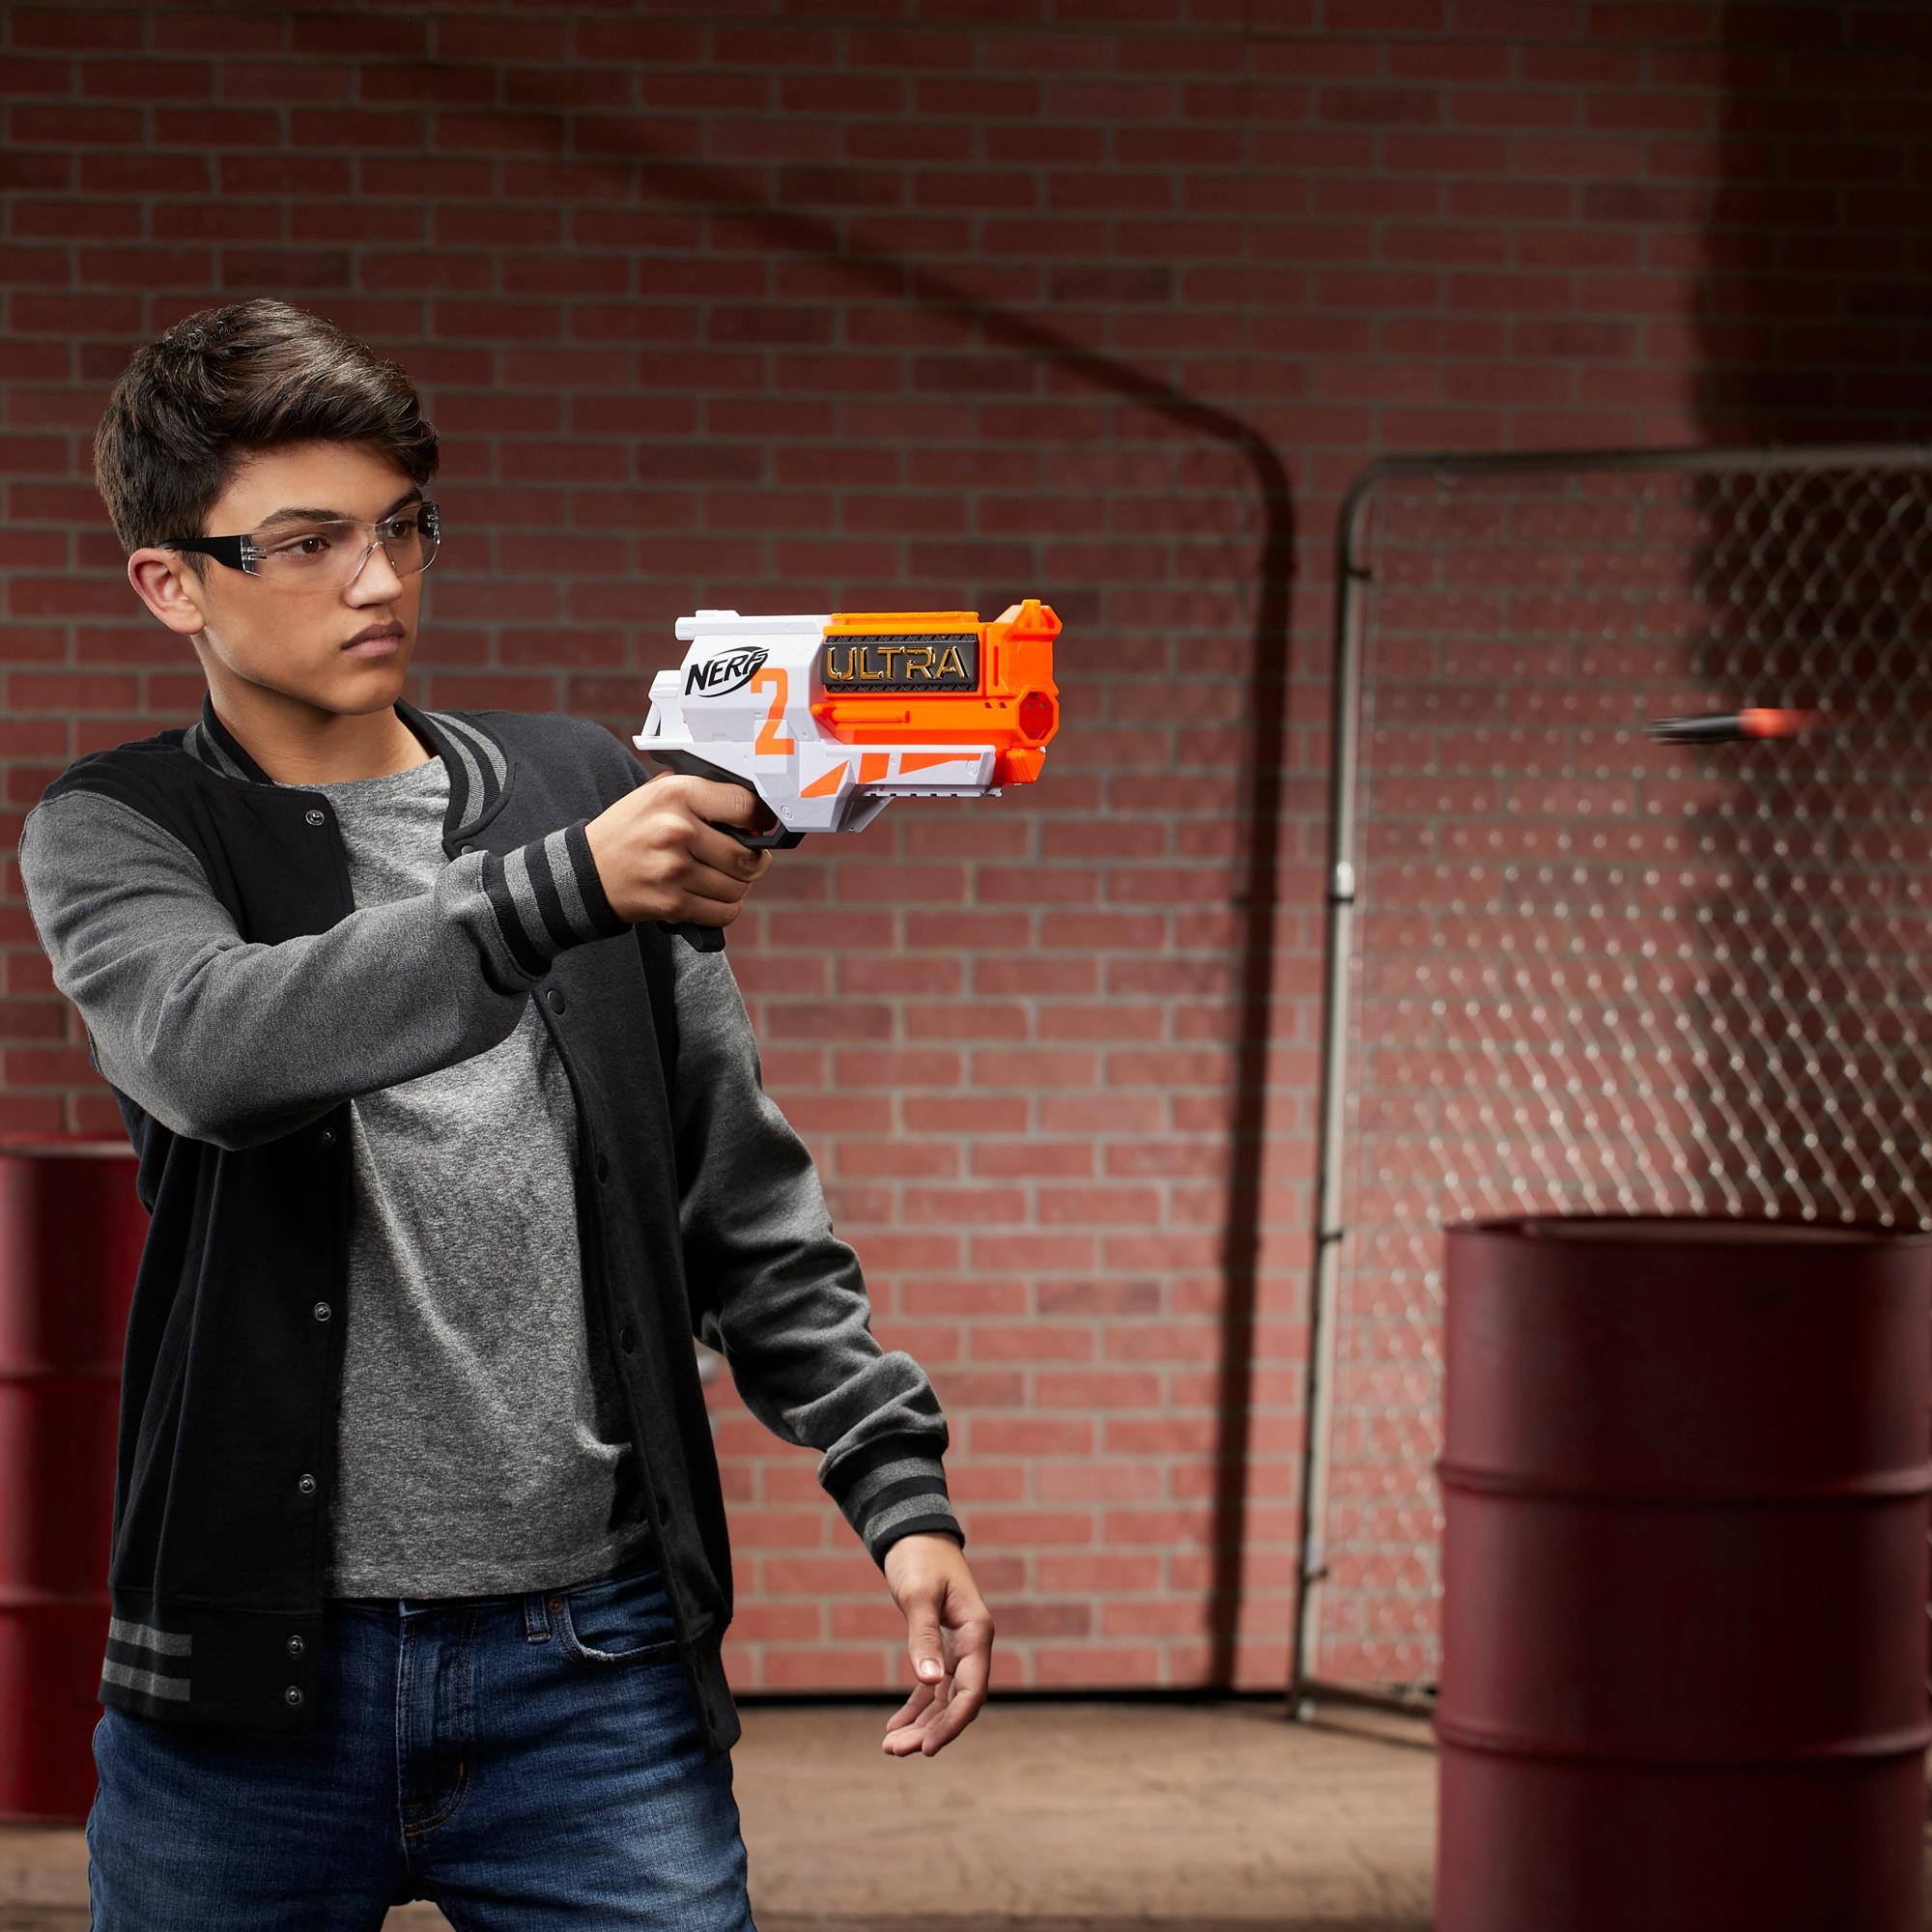 Motoriserad Nerf Ultra Two-blaster – Snabb omladdning, 6 Nerf Ultra-pilar – Endast kompatibel med Nerf Ultra-pilar